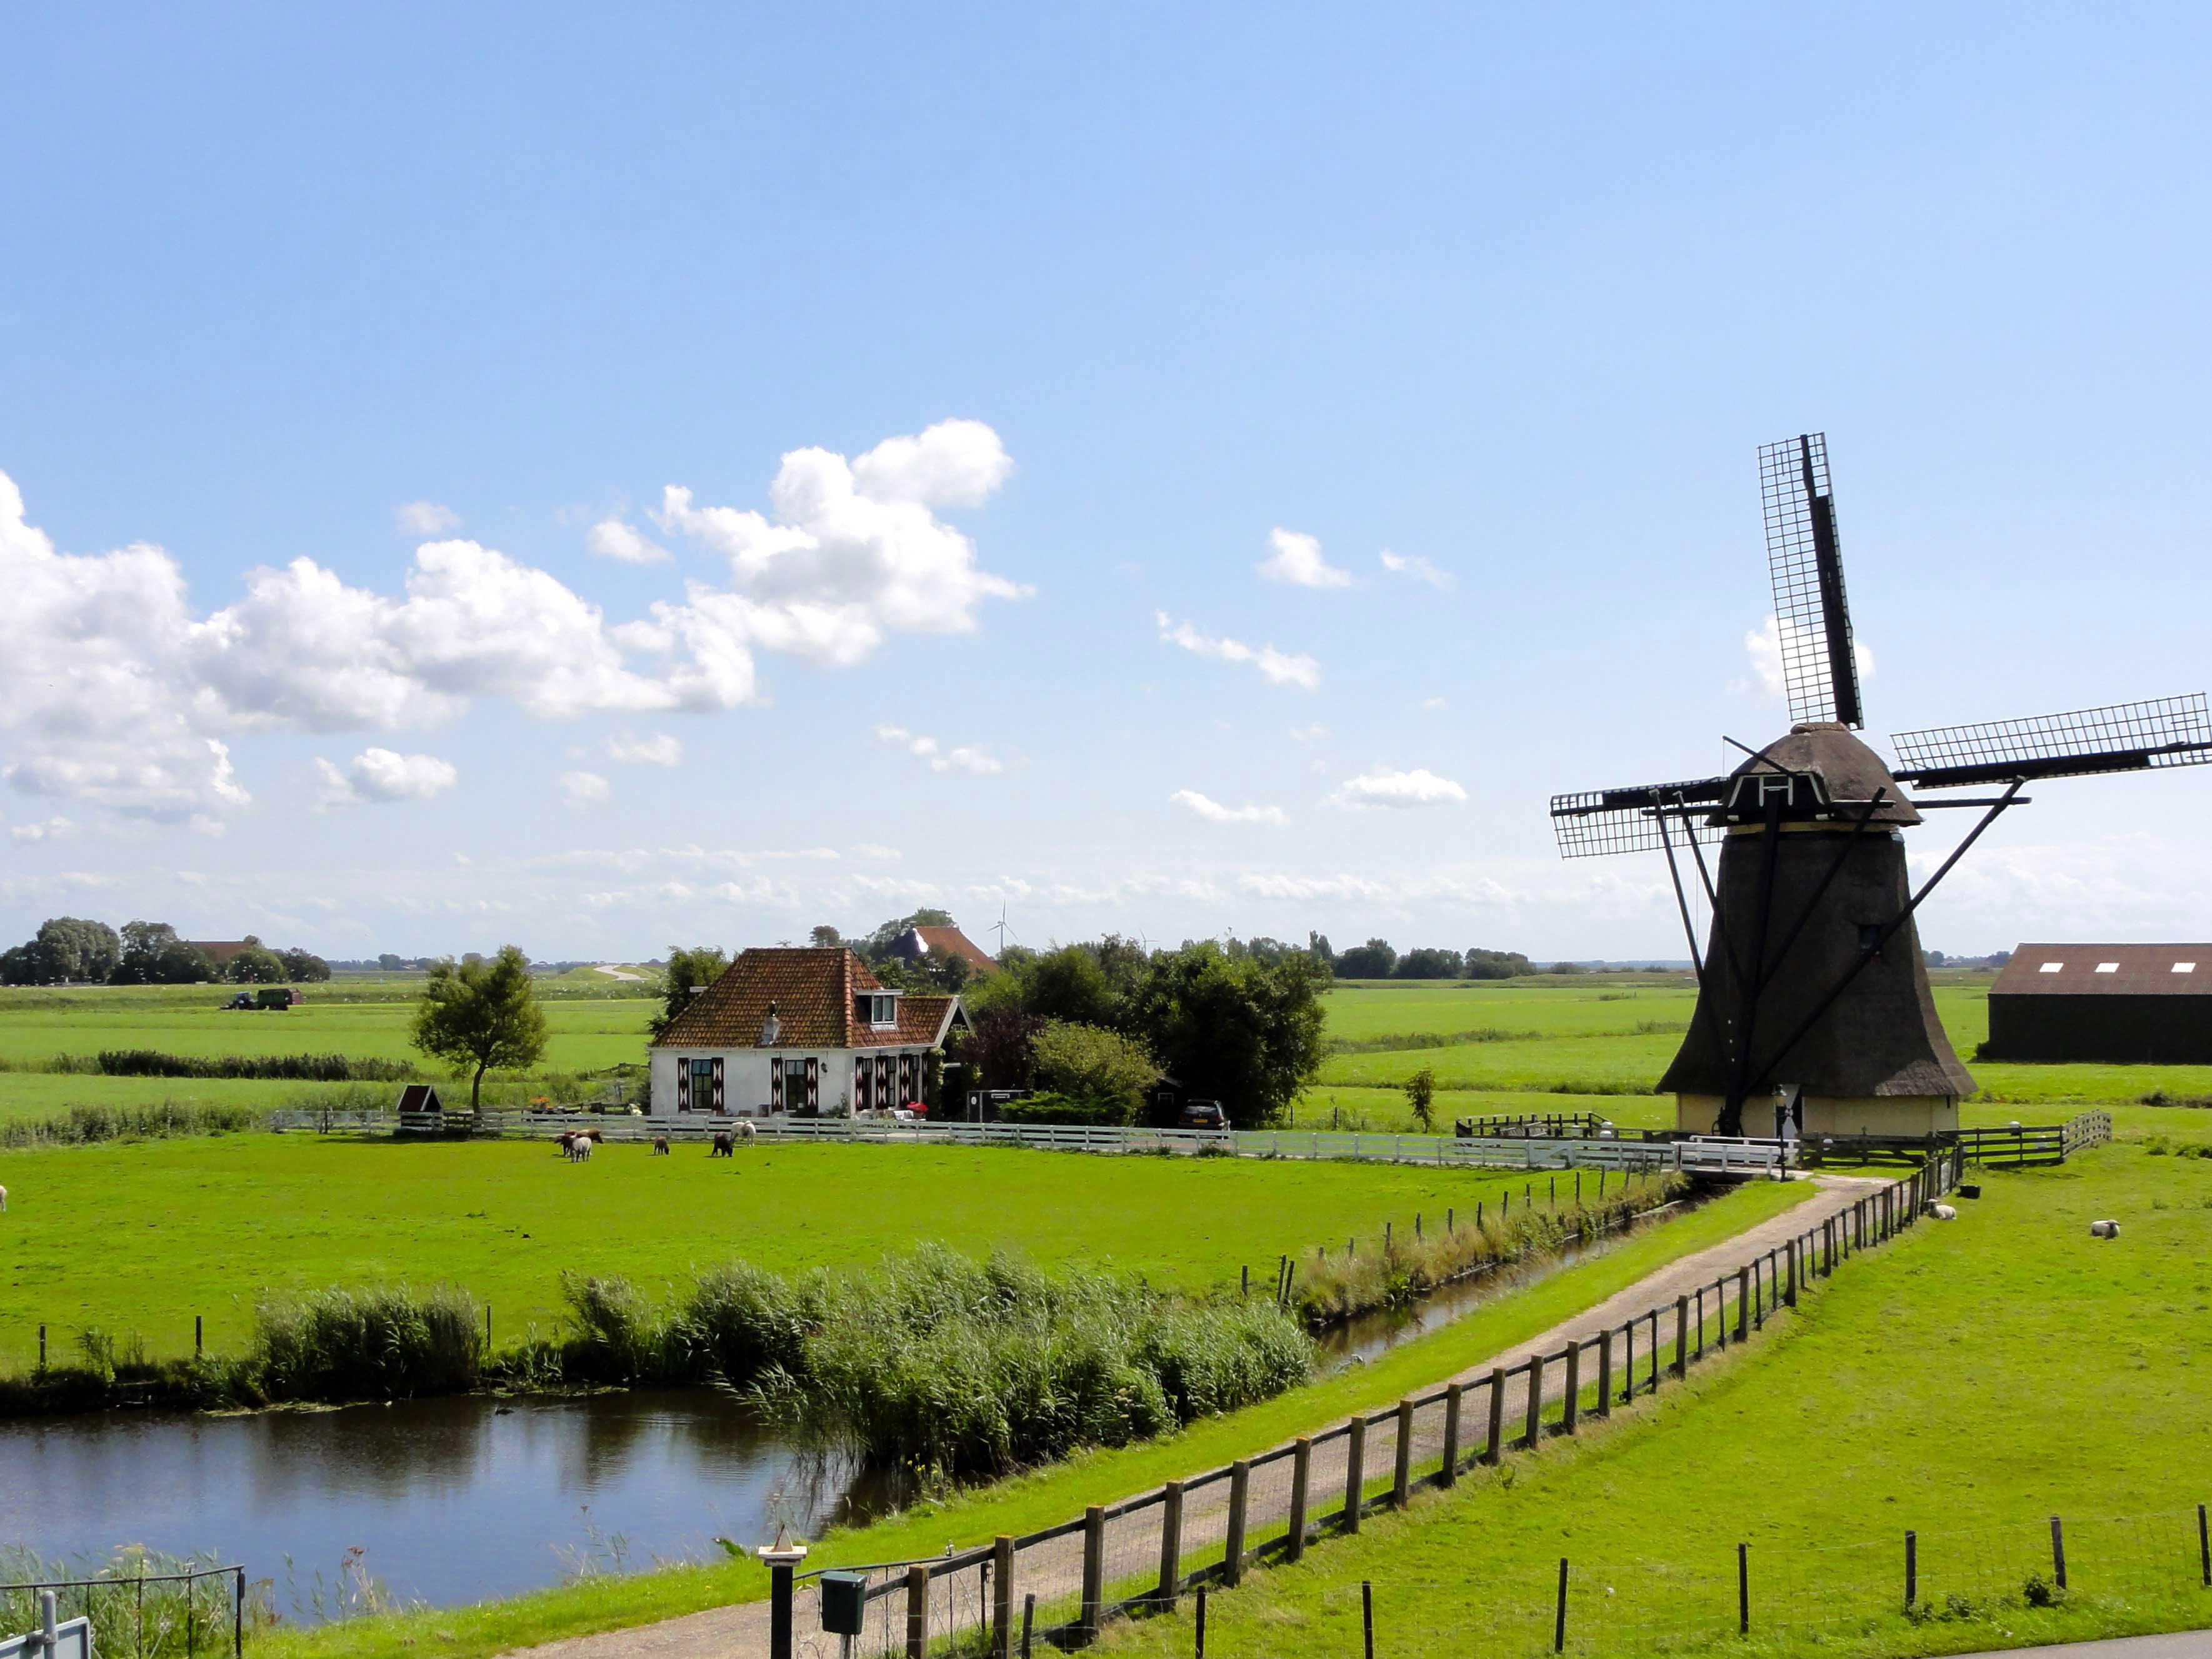 friesland-landscape-in-the-netherlands